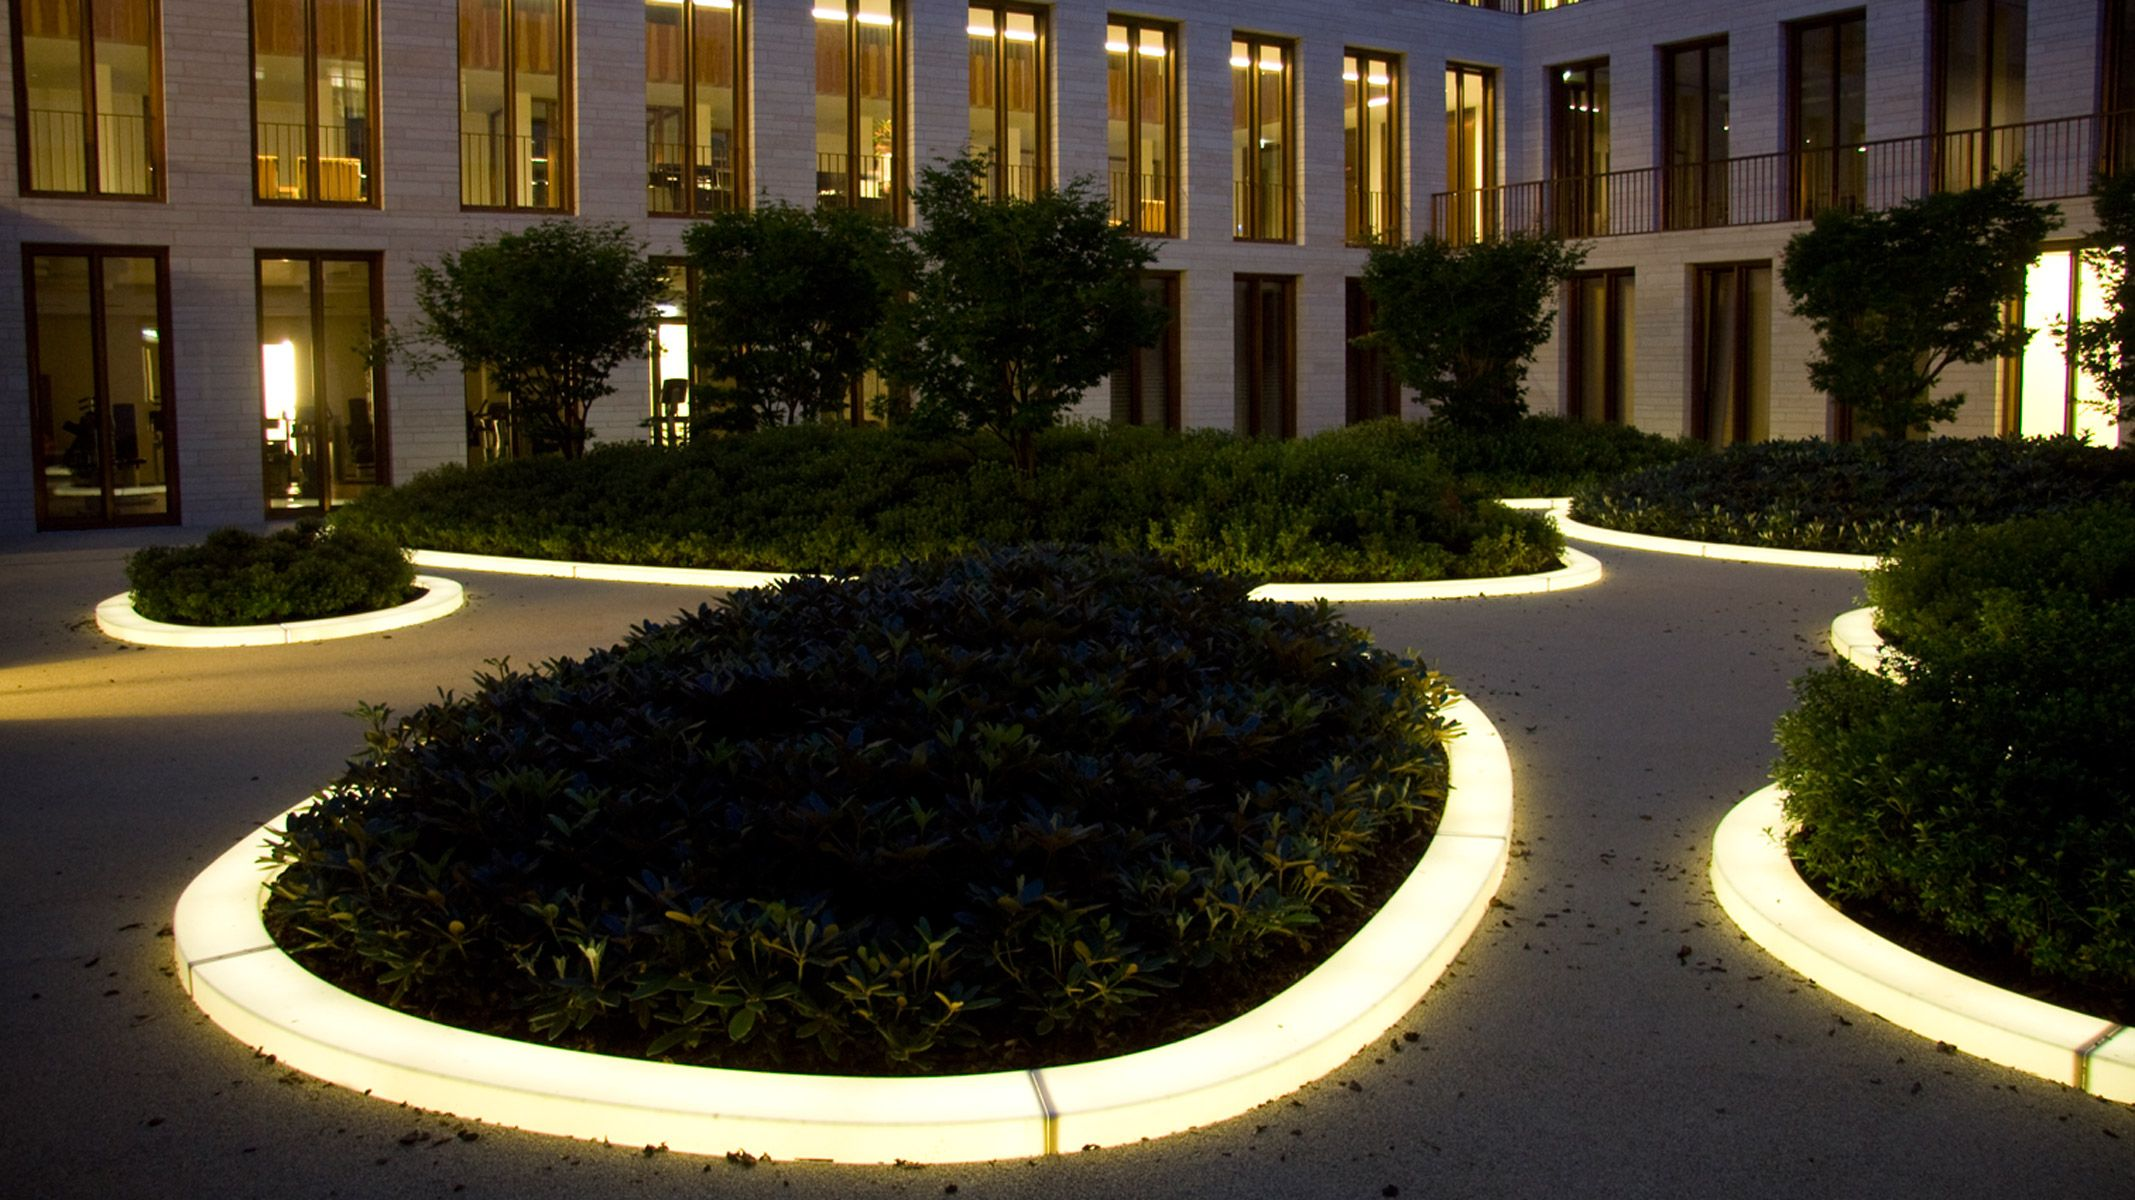 KARLSRUHE / Patio LBank Patio, Karlsruhe, Structures